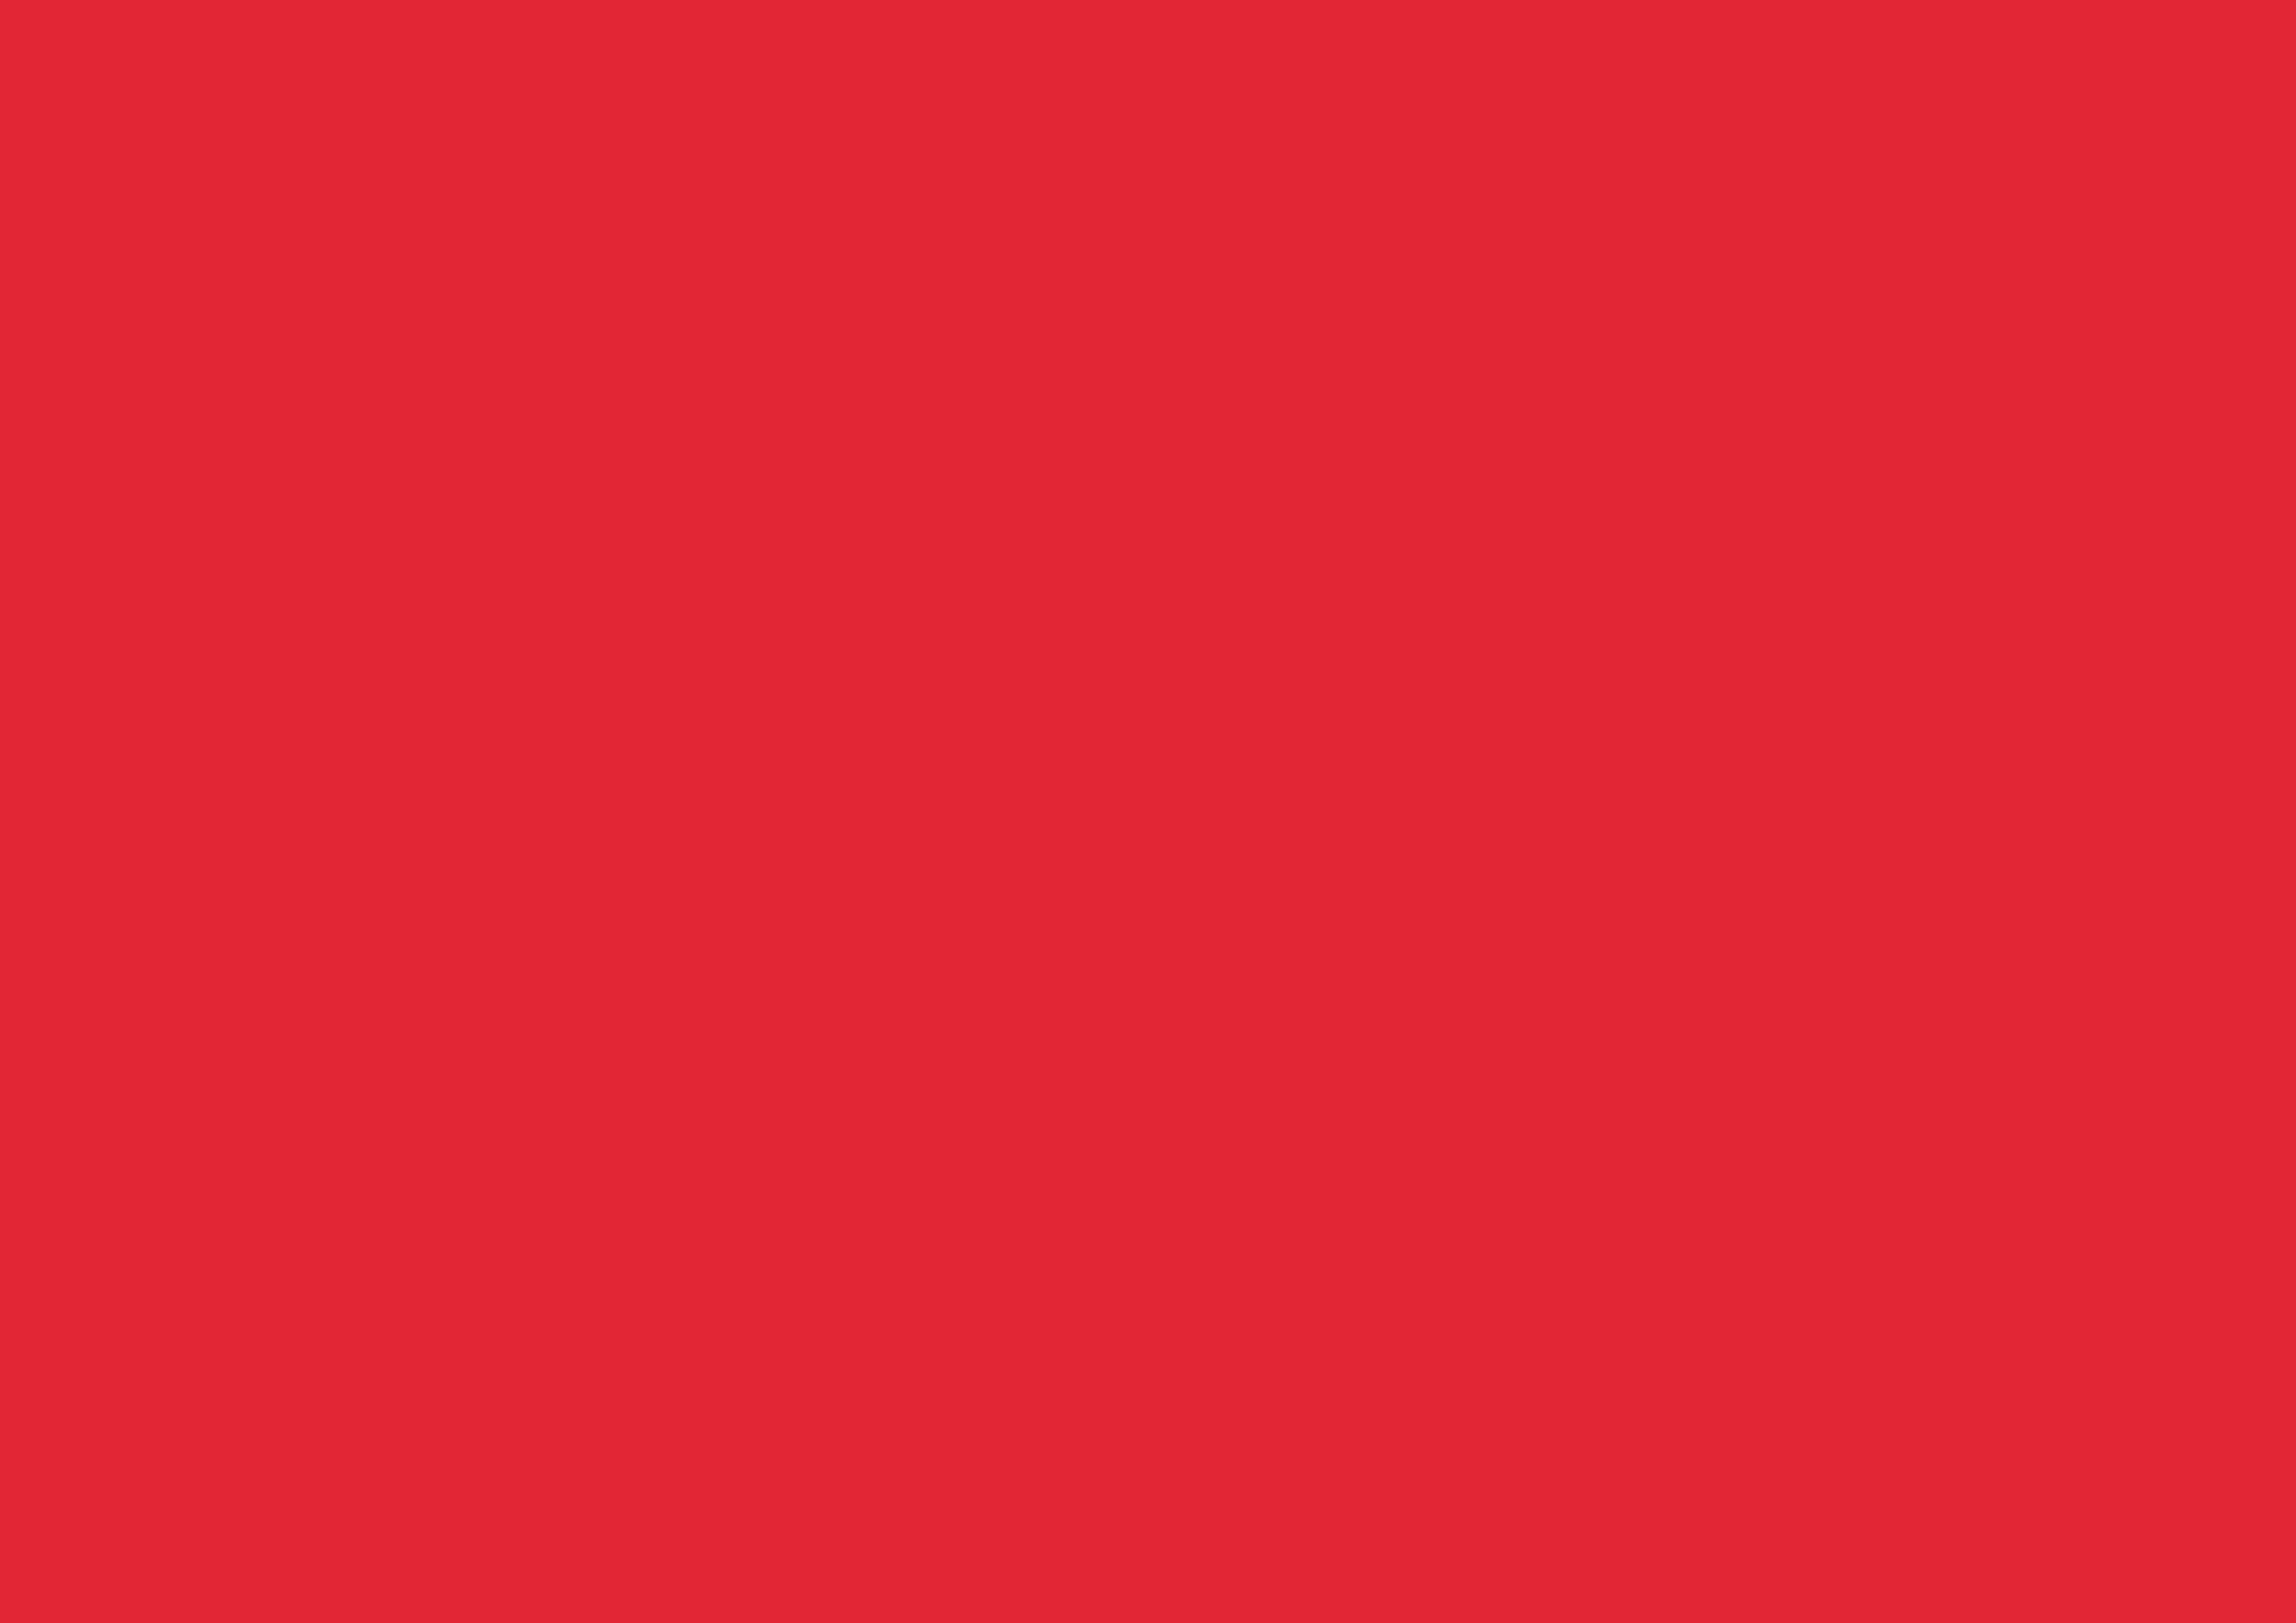 3508x2480 Alizarin Crimson Solid Color Background